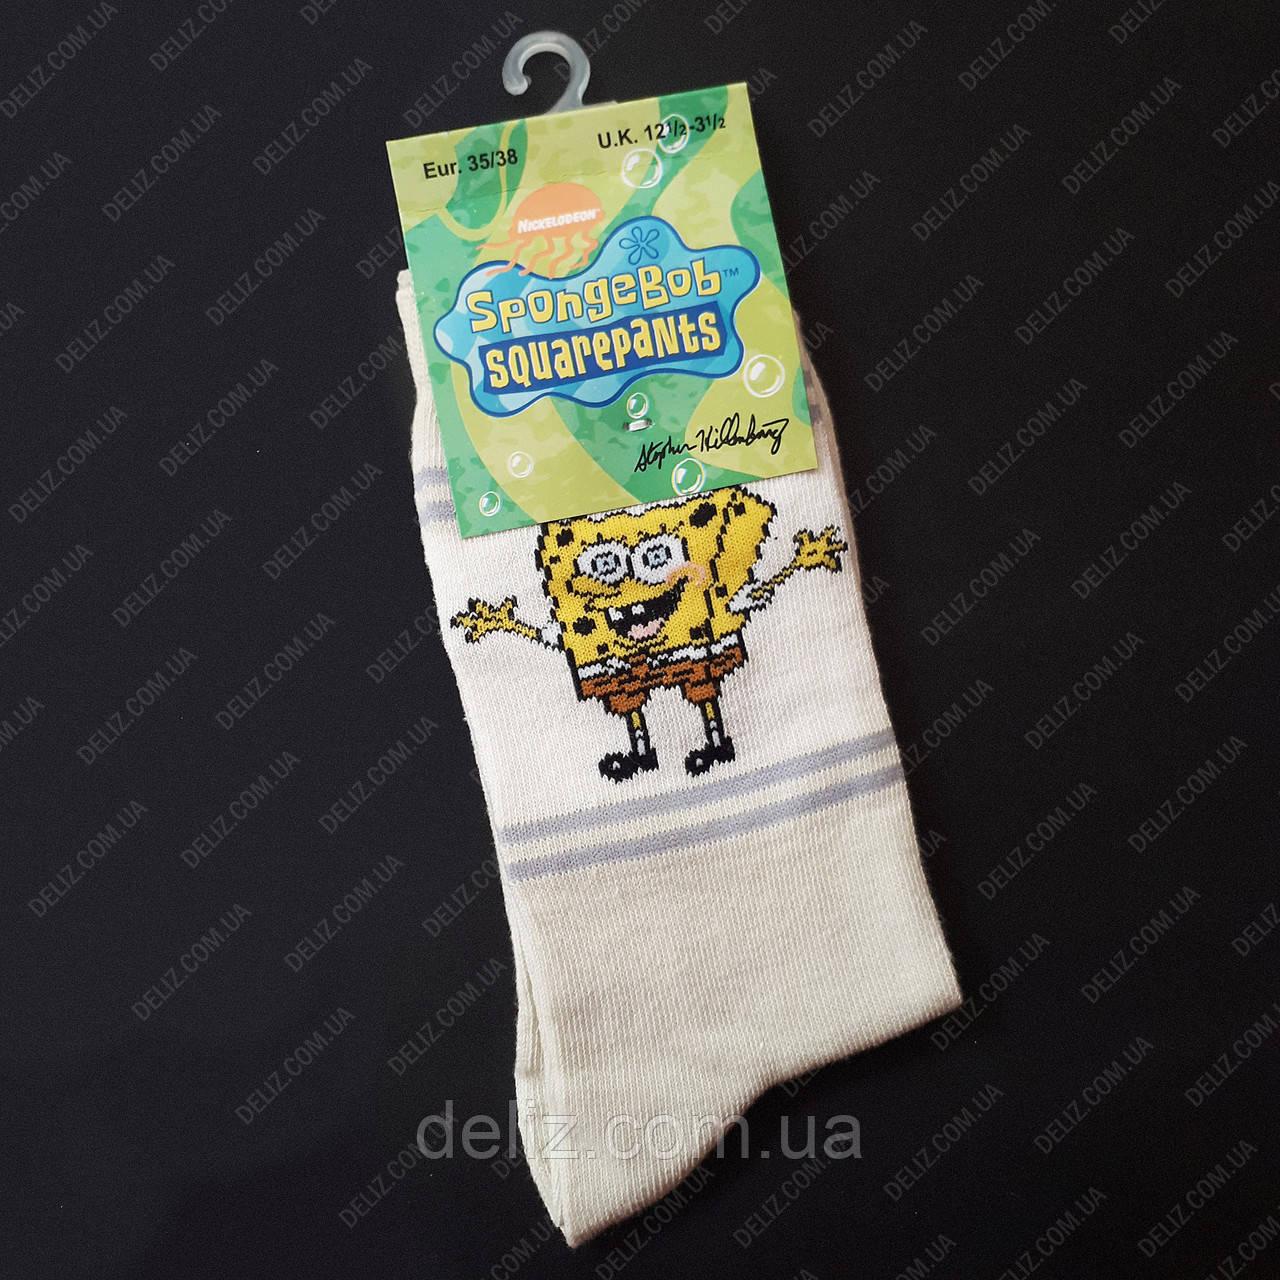 Дитячі шкарпетки з Губкою Бобом СВІТЛІ. Розмір 35-38 (11-13 років)